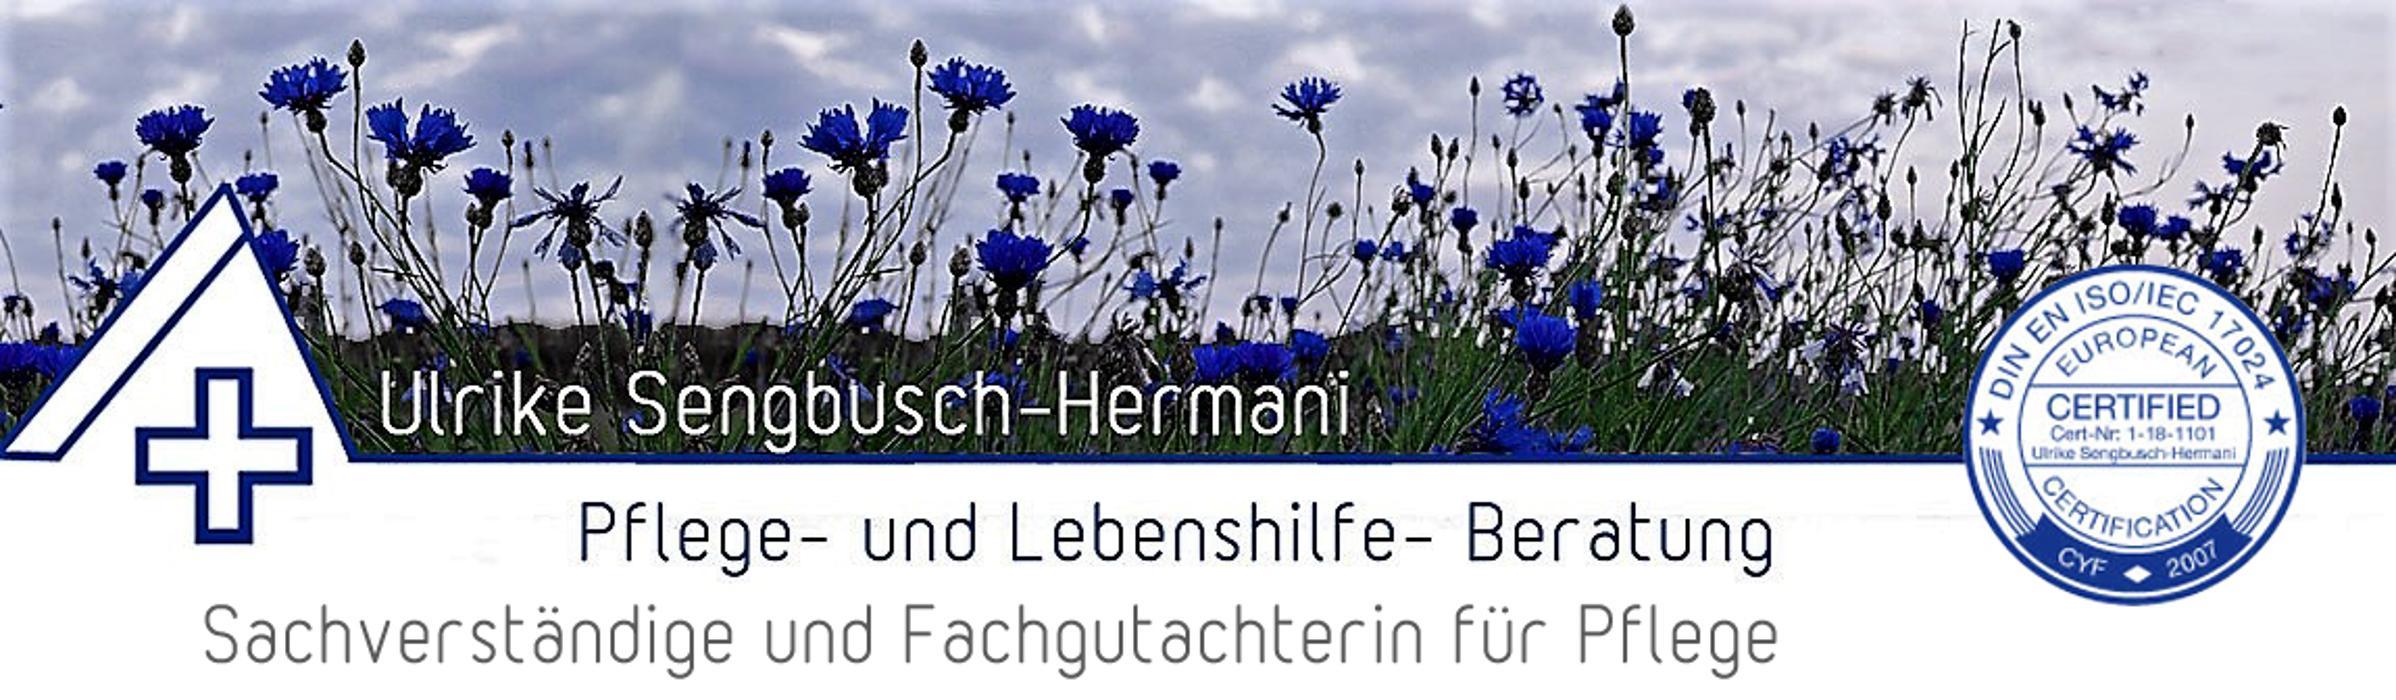 Bild zu A. Ulrike Sengbusch-Hermani, exam. Krankenschwester, Pflegeberaterin, Sachverständige für Pflege in Hamburg